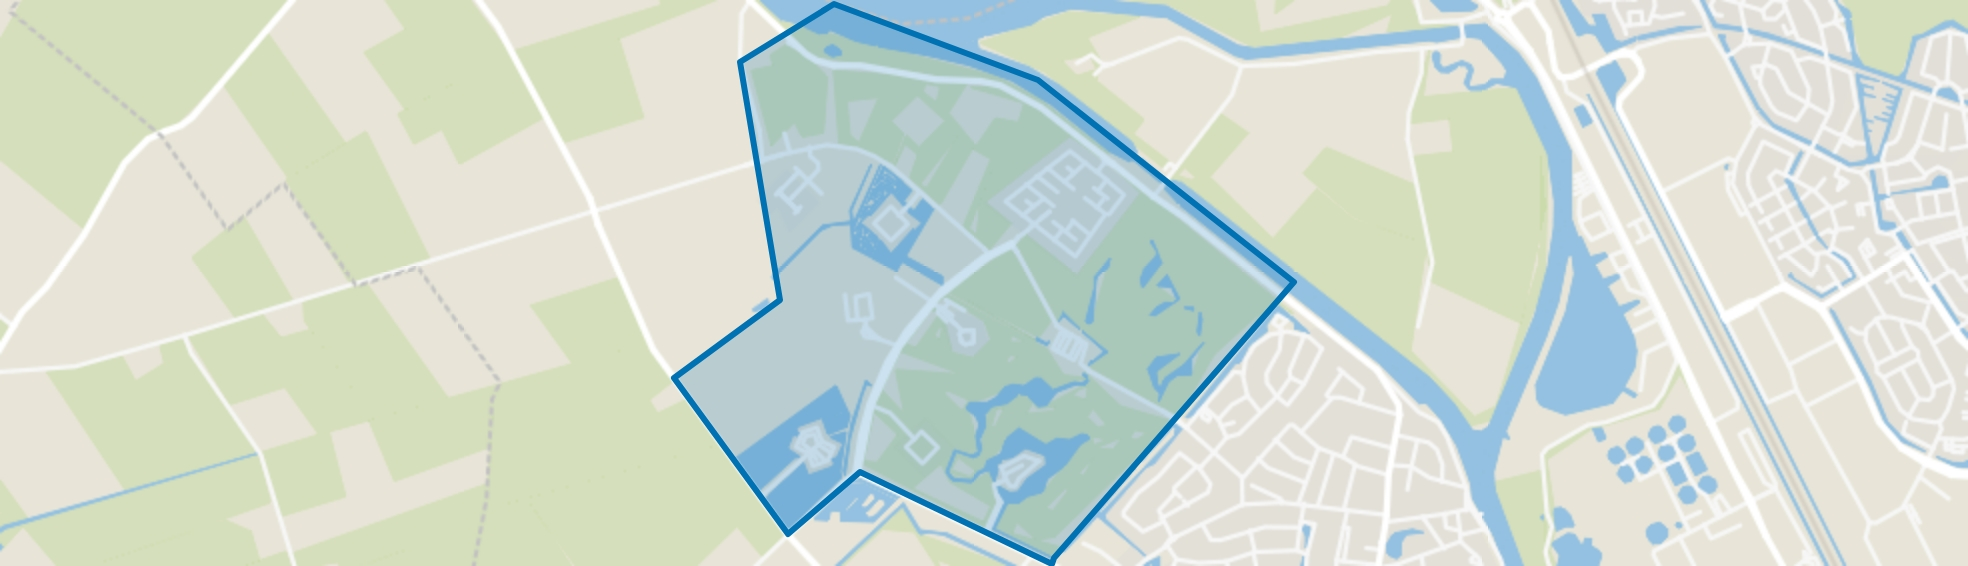 De Haverleij, Den Bosch map